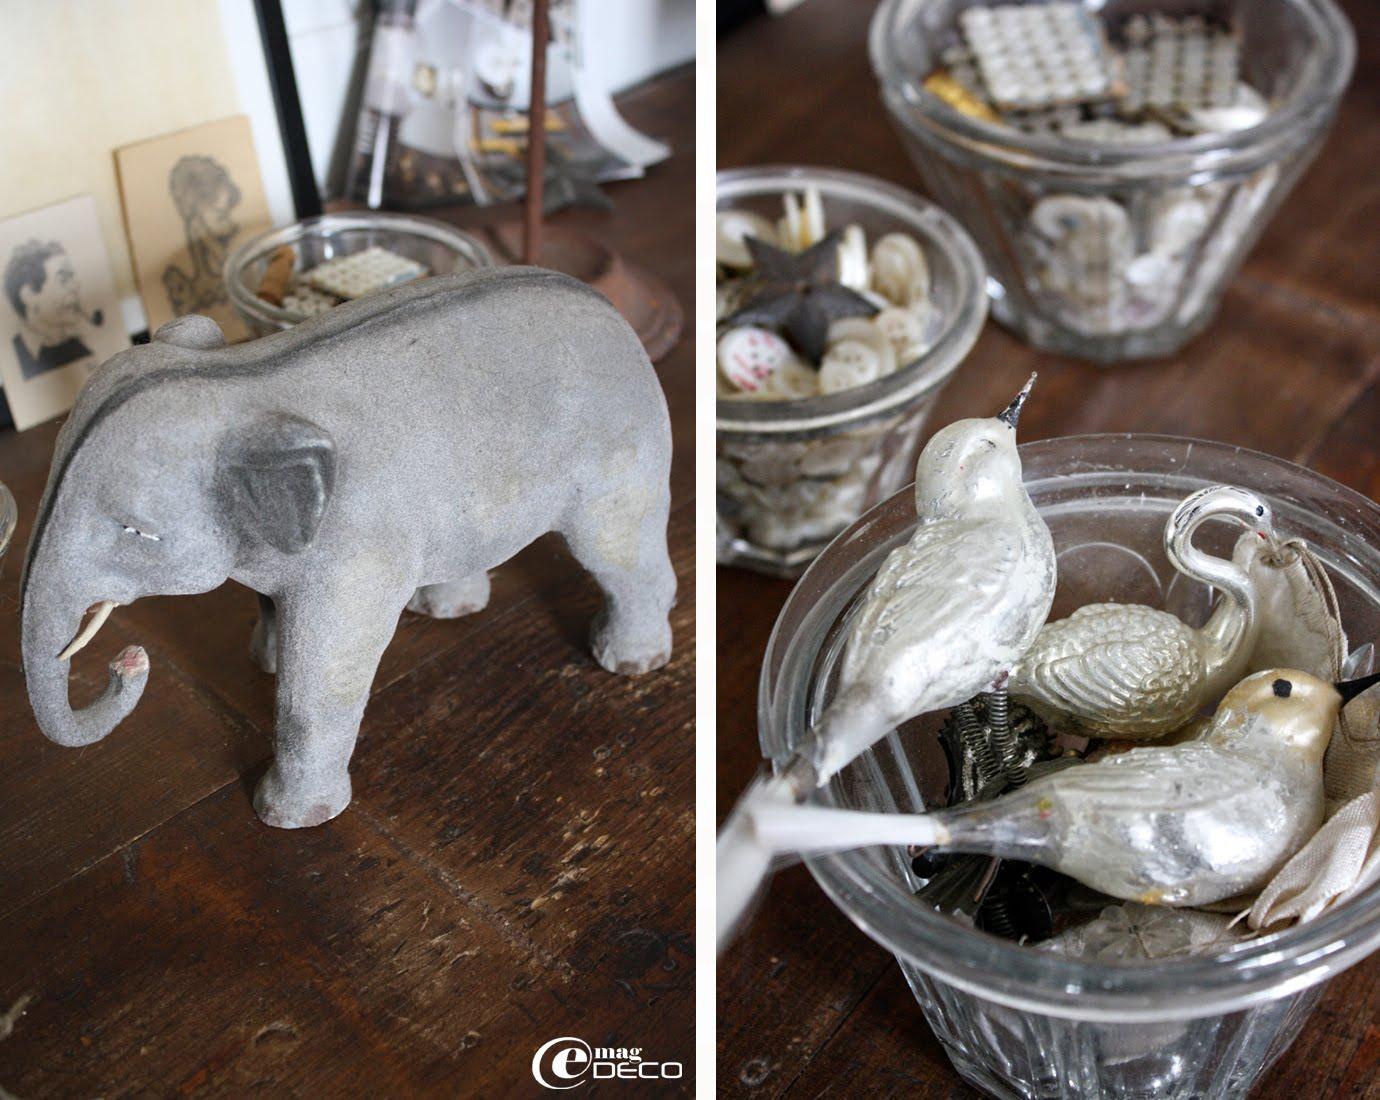 Un éléphant en plâtre et feutrine provenant d'une ancienne crèche et des oiseaux au mercure